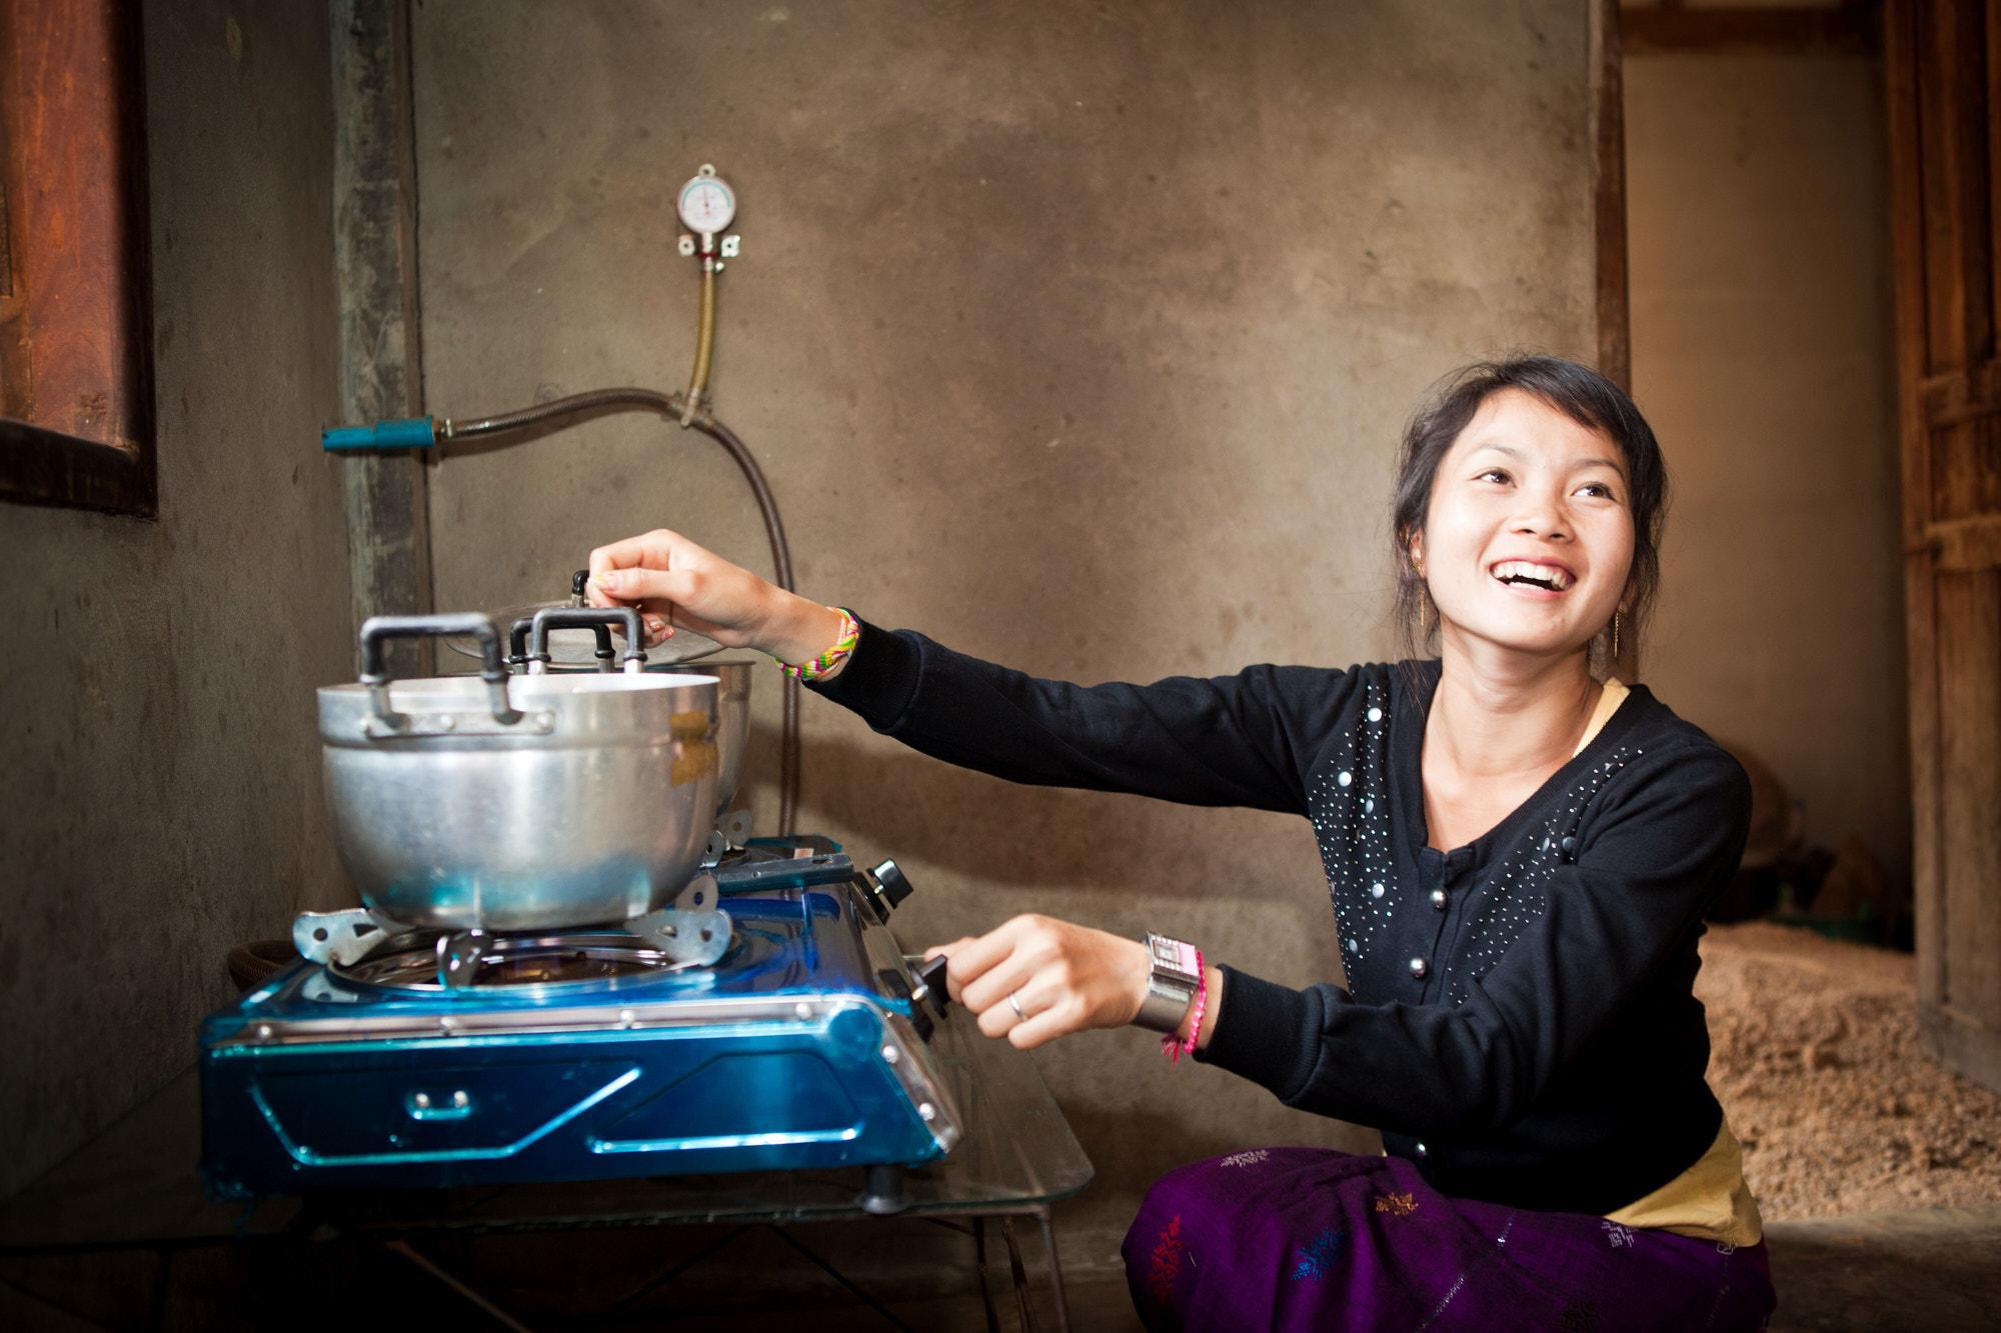 Die Clean Cooking Alliance will saubere Kochmöglichkeiten in den Entwicklungsländern fördern. Clean Cooking Alliance